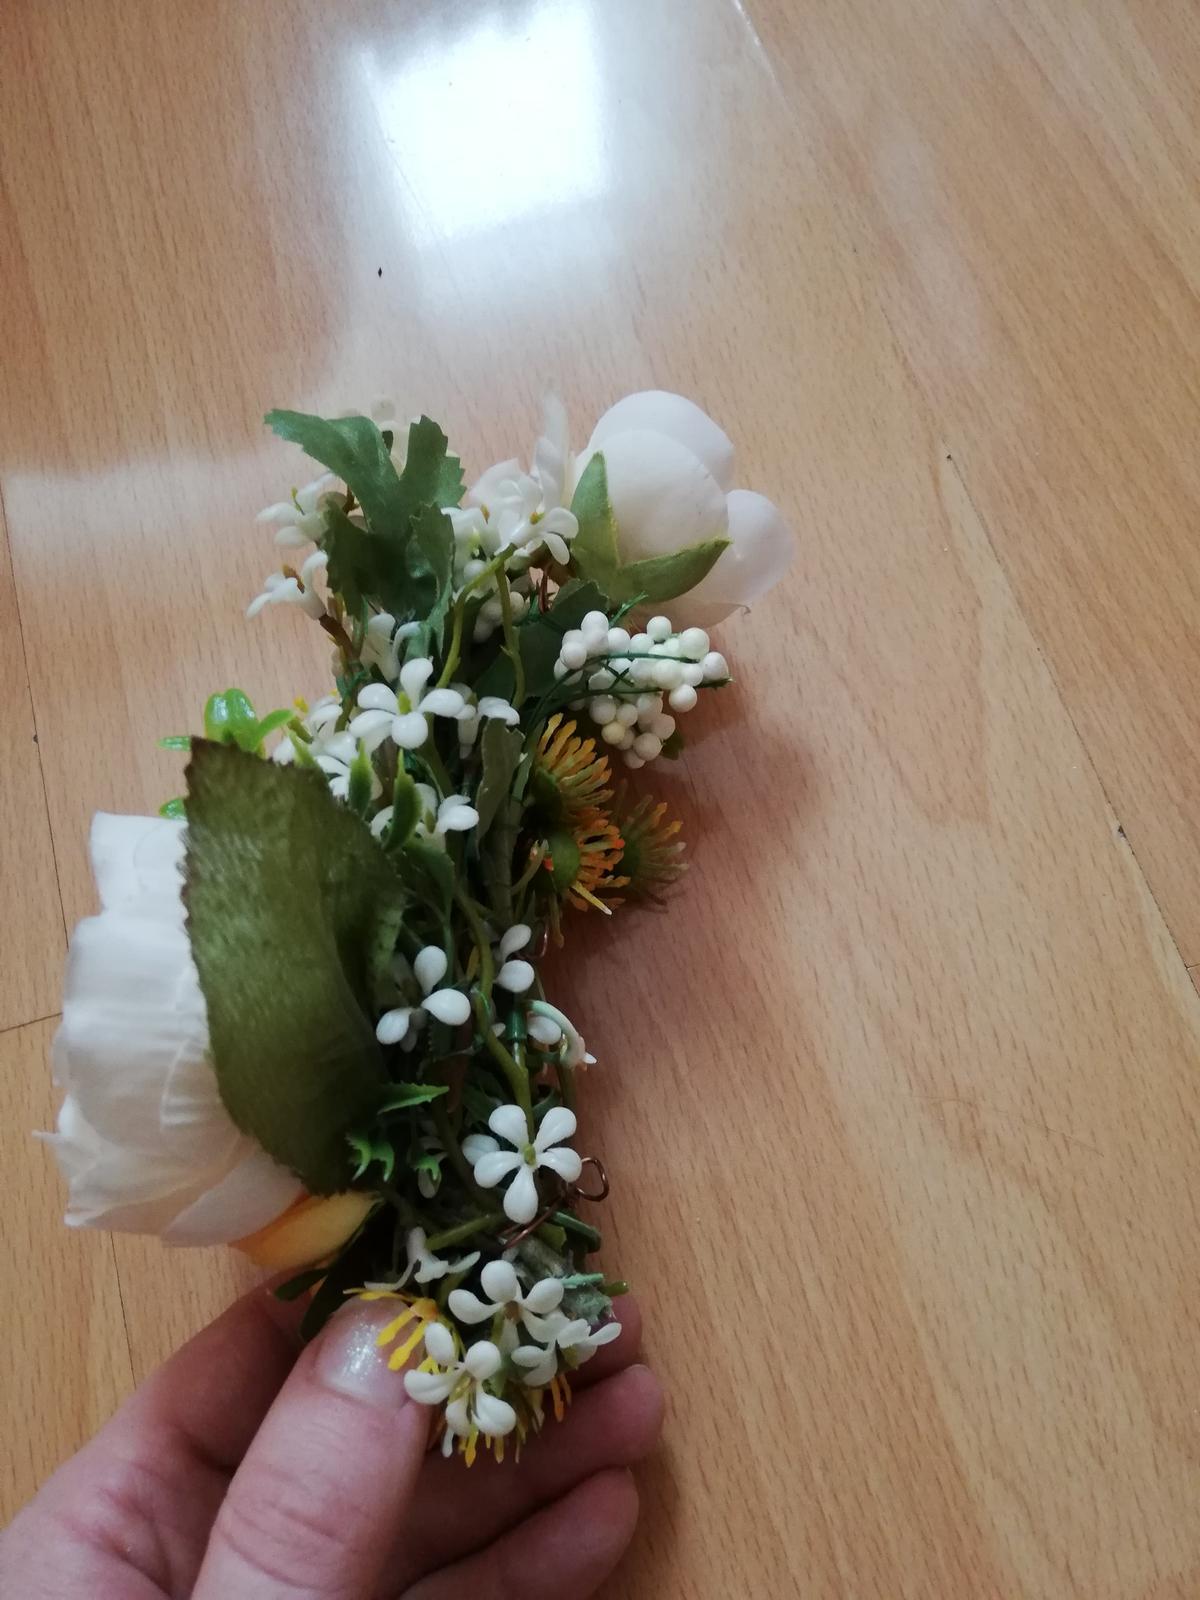 Kvetinova ozdoba do vlasov pivonky - Obrázok č. 2